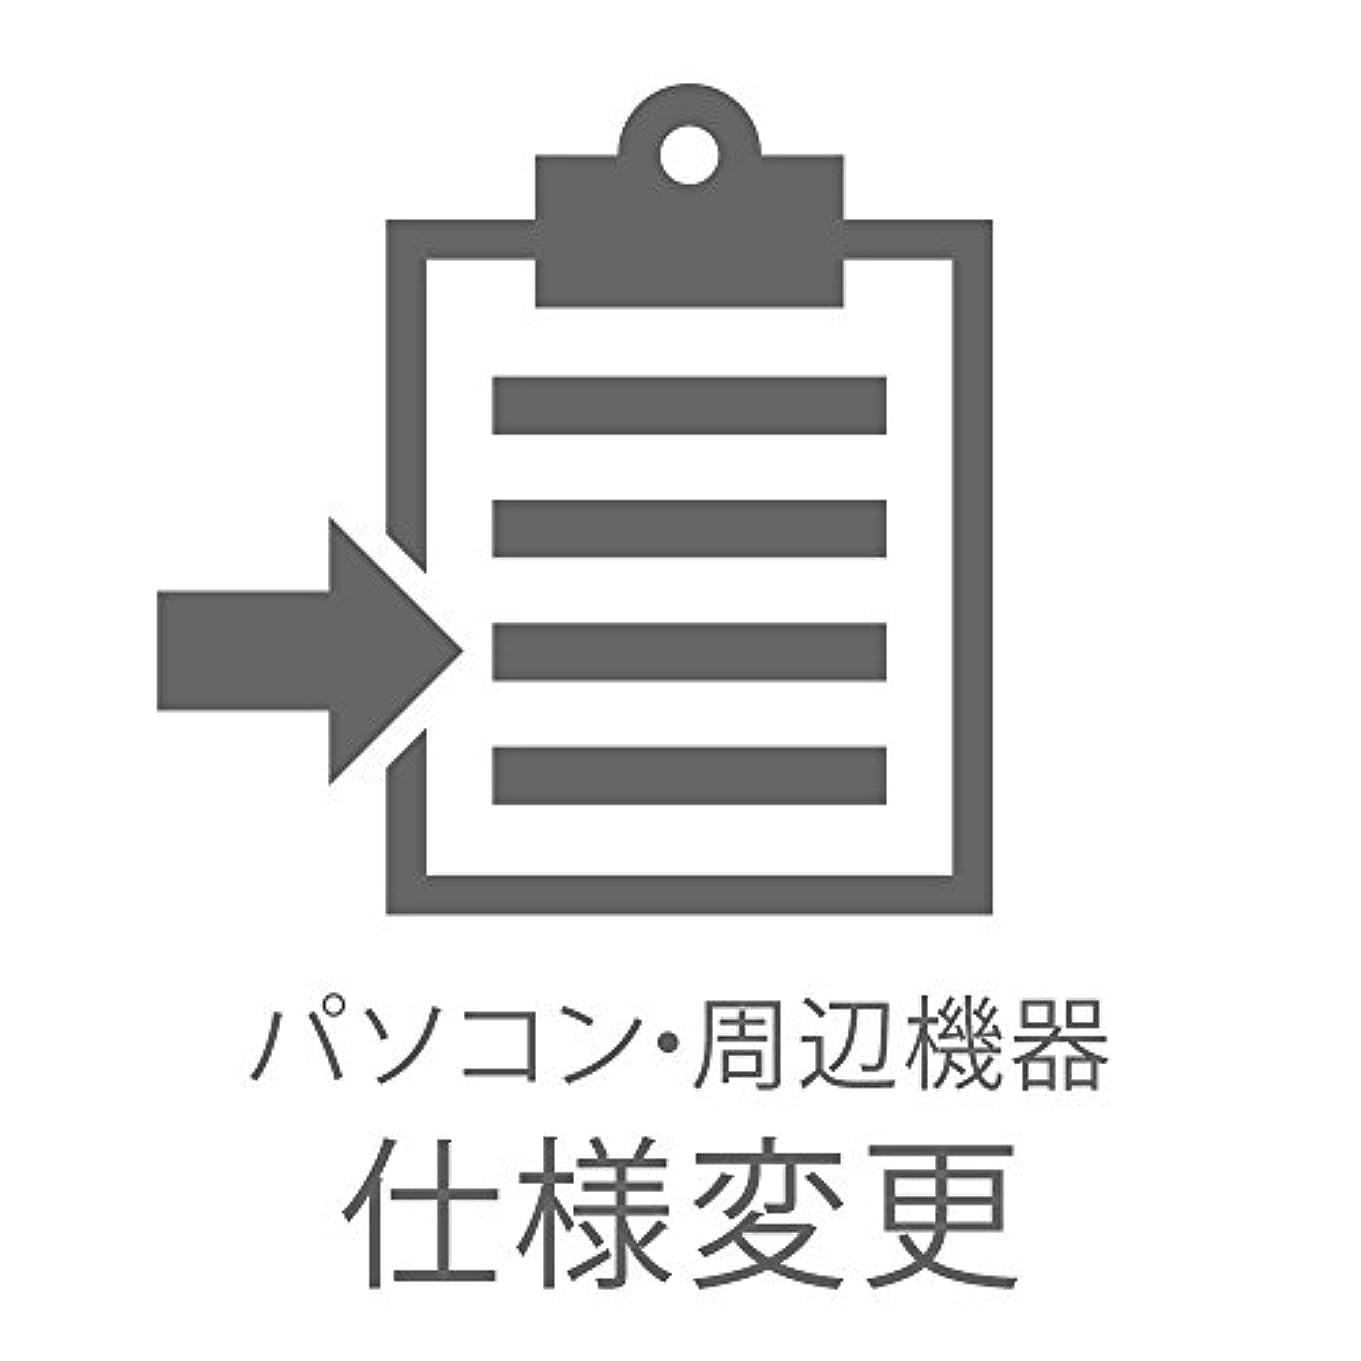 独占眠いですプロトタイプ富士通 CD-ROMドライブユニット変更→CD-R/RW FMCXRW20